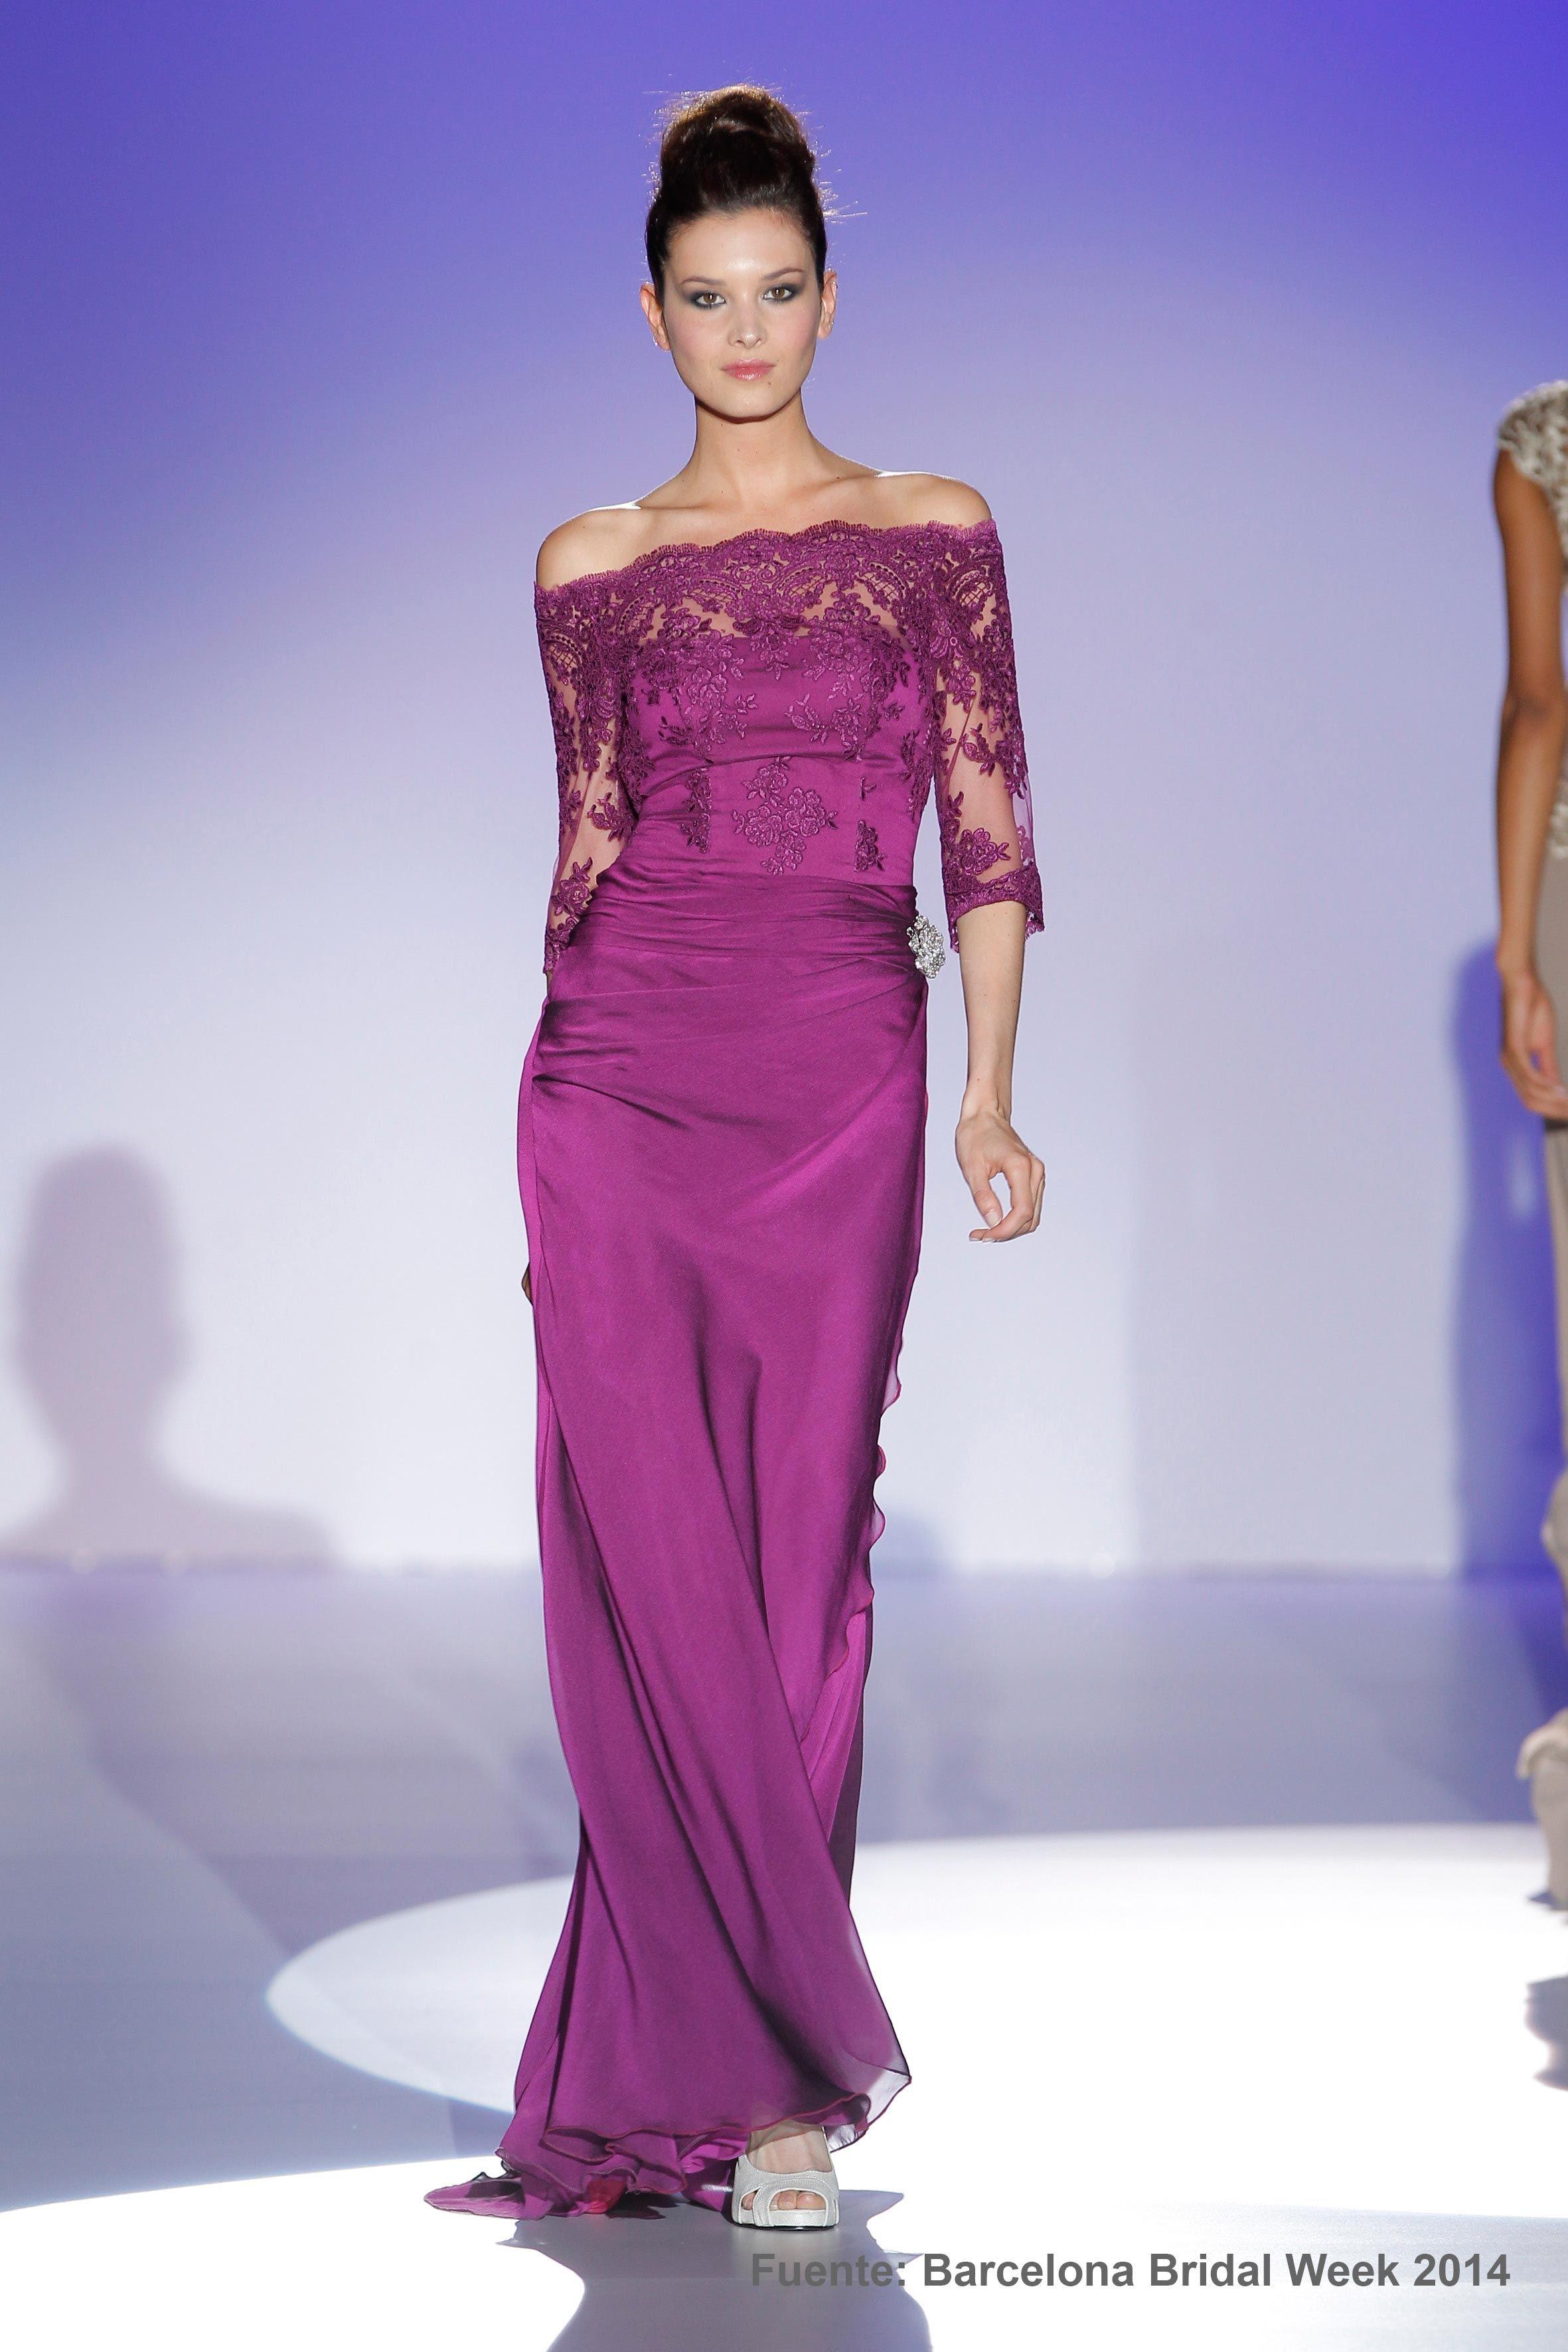 Vestido de Fiesta de Franc Sarabia (FS 12), corte evasé, escote ...